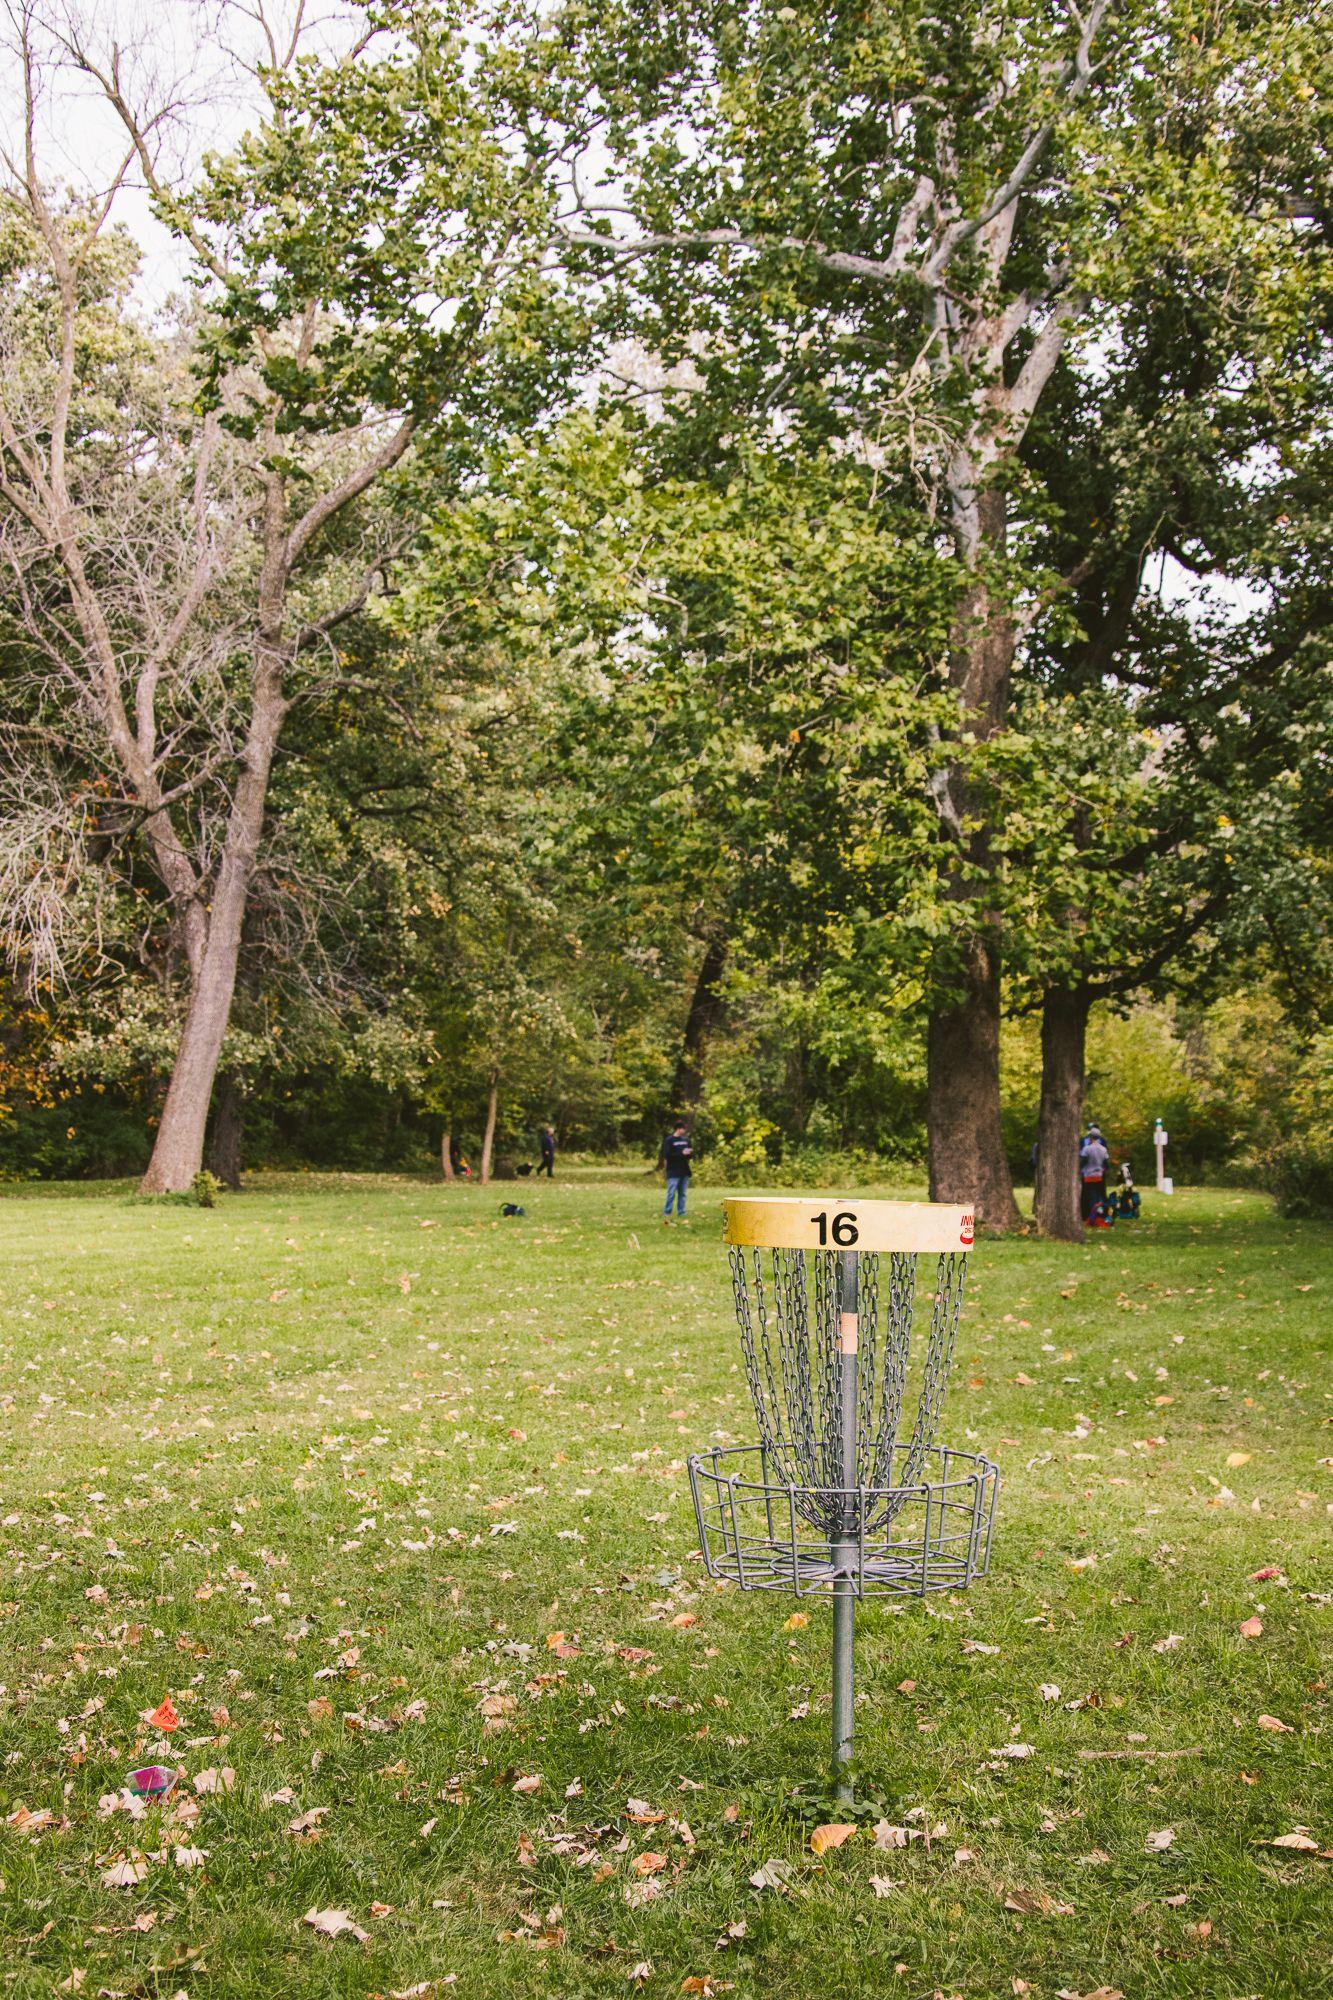 Marilla Park Disc Golf Course Disc Golf Courses Disc Golf Disc Golf Course Review